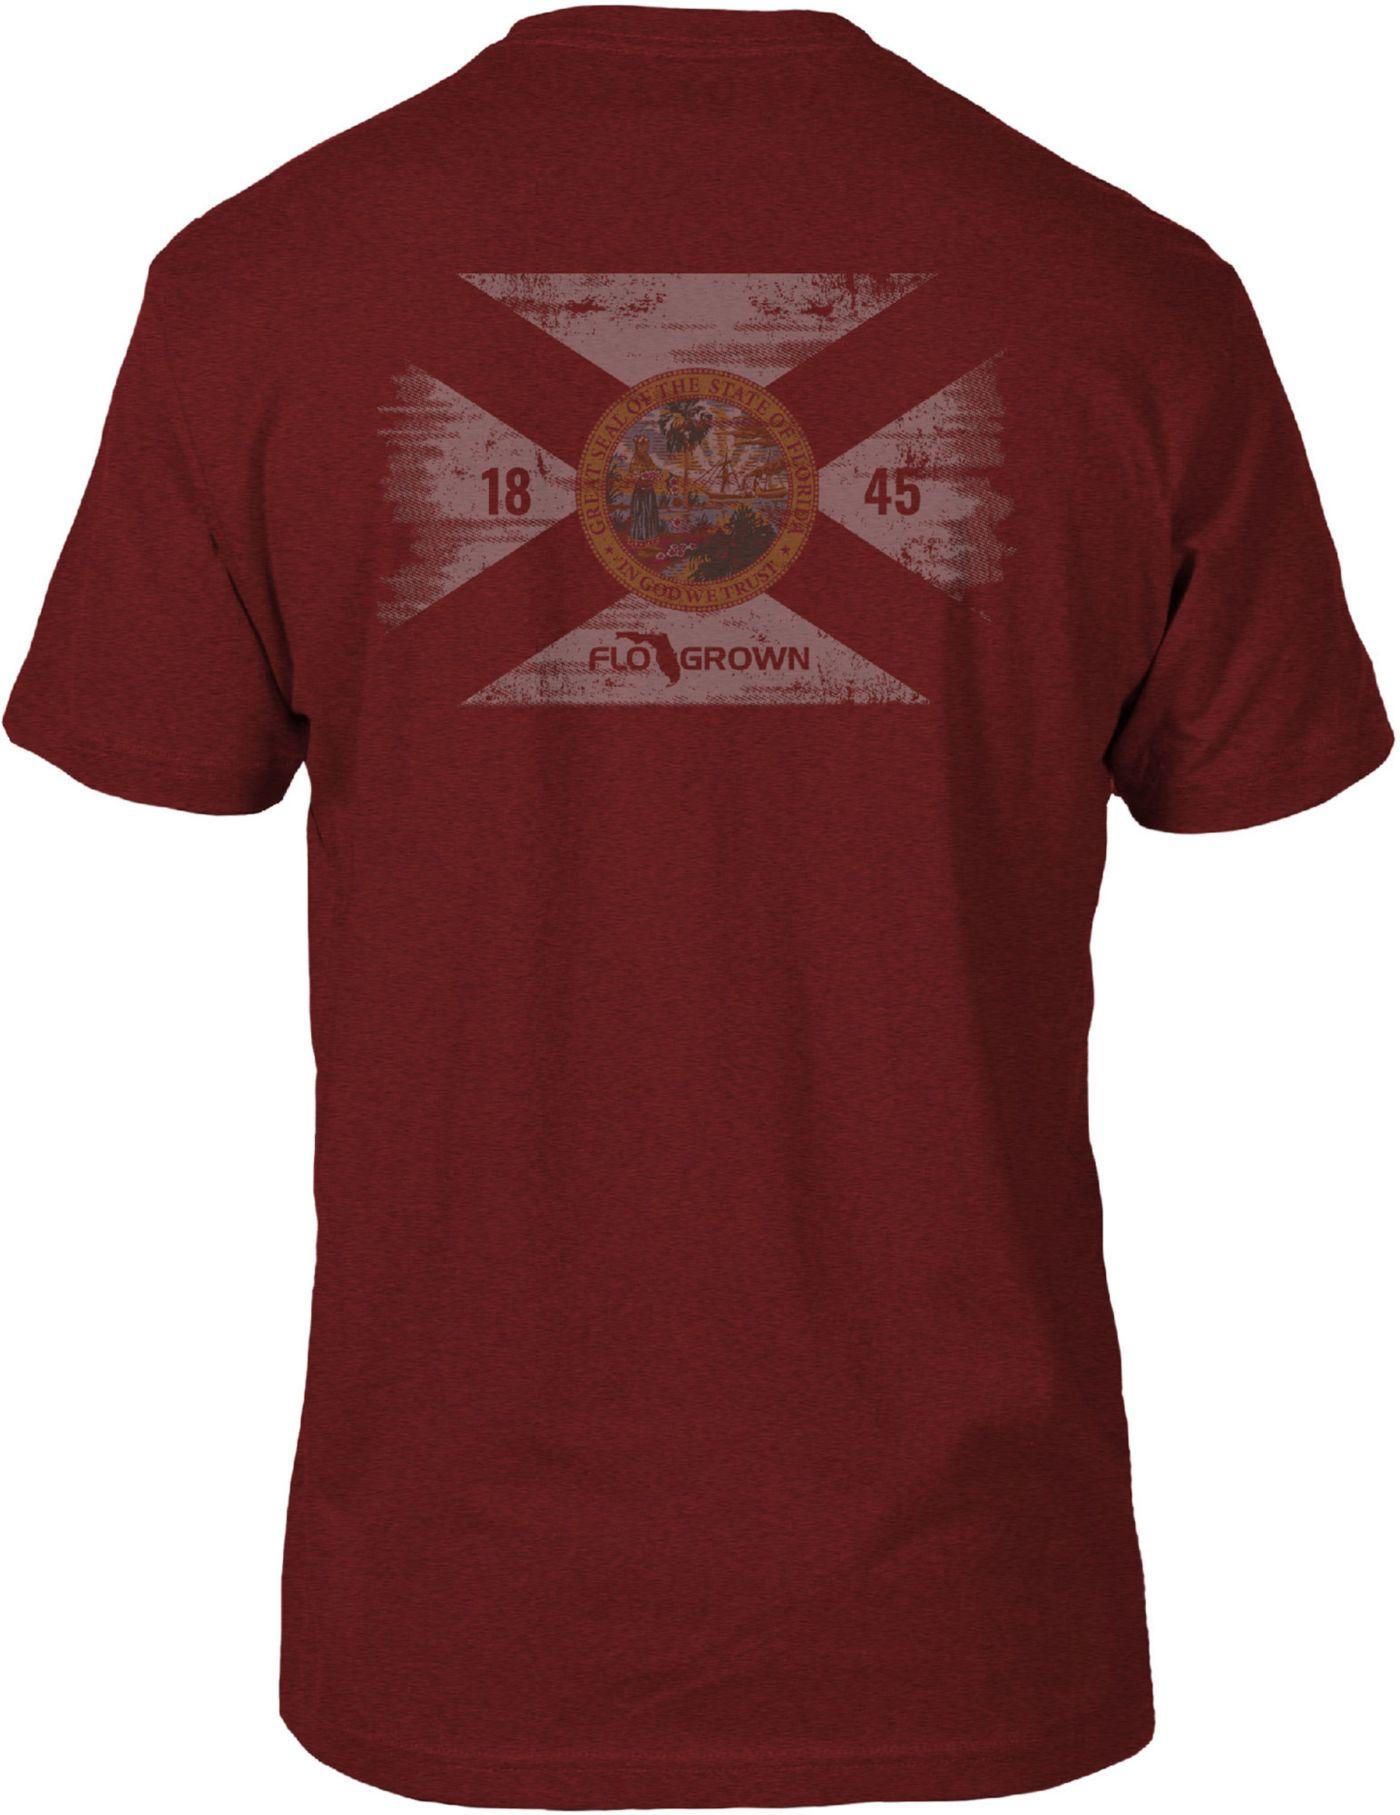 FloGrown Men's Washed Flag Short Sleeve T-Shirt